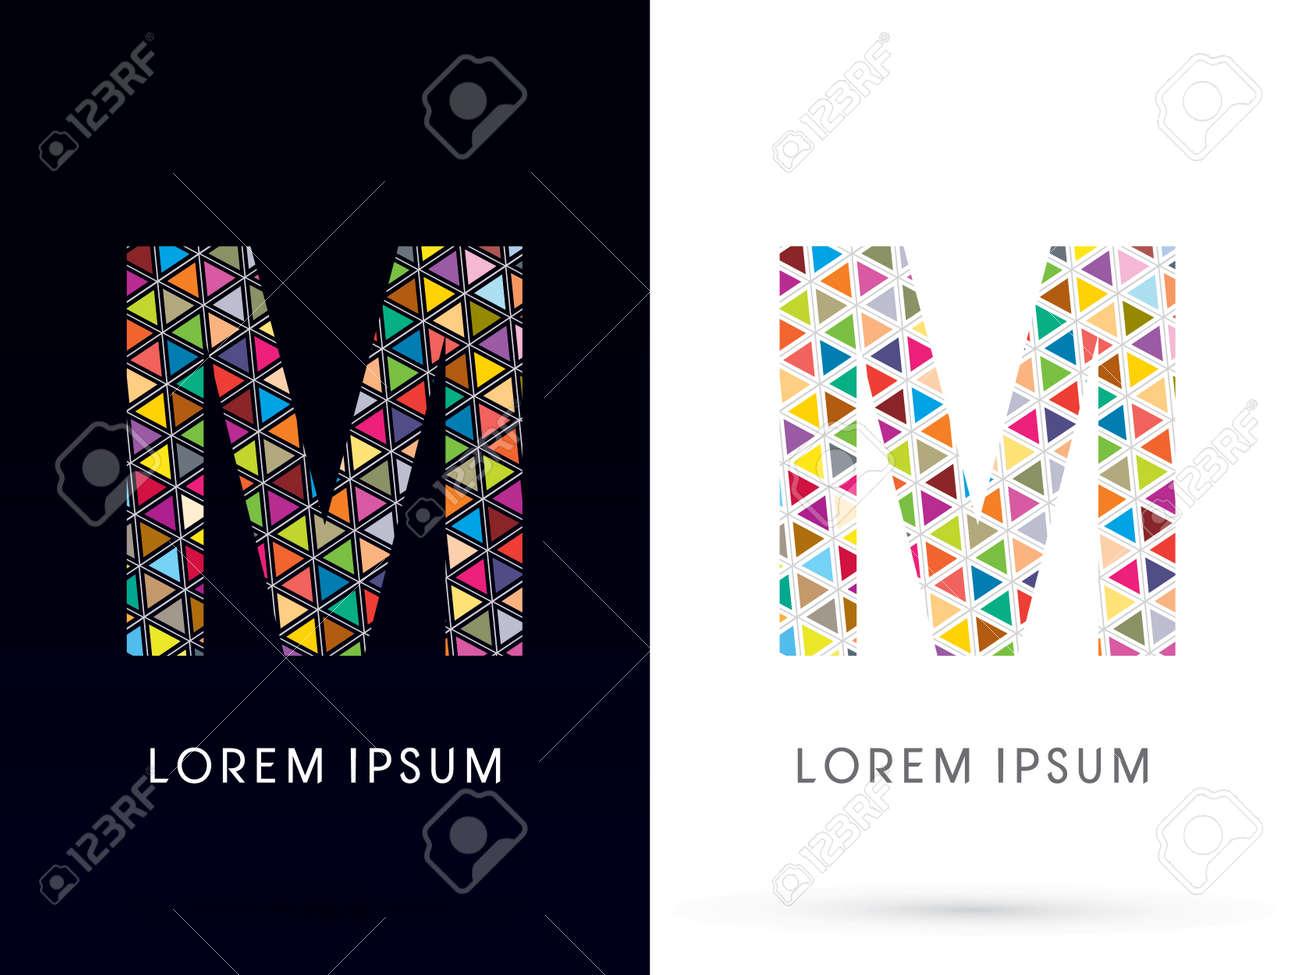 Souvent M, La Police Coloré, Modèle Concept De Mosaïque, Conçu En  TI63